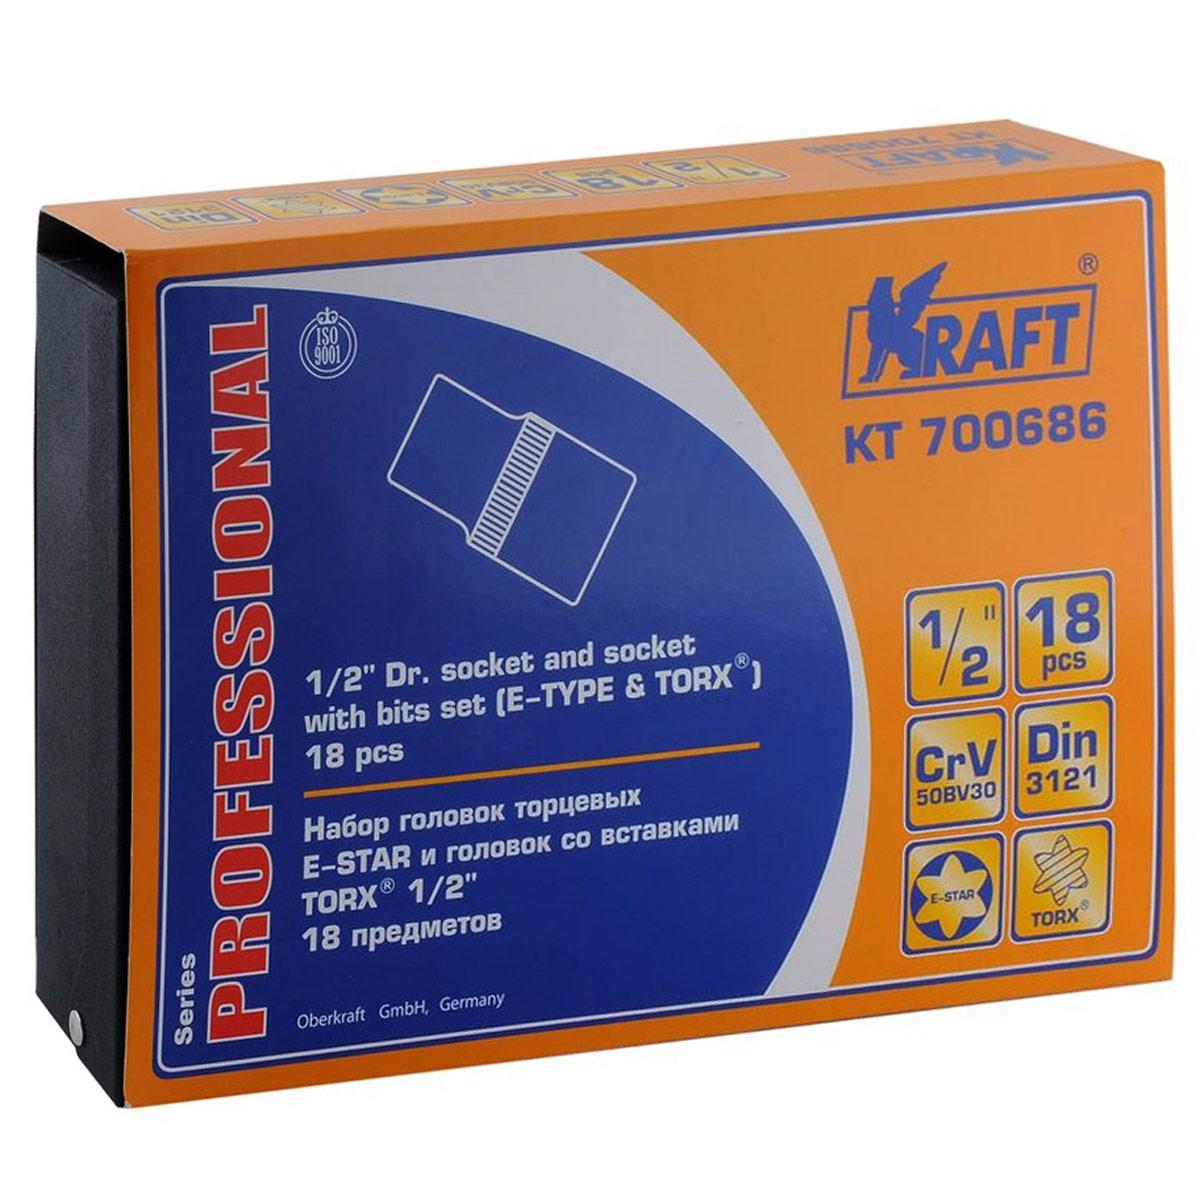 Набор торцевых головок Kraft Professional Е-star, со вставками Torx, 1/2, 18 предметовКТ700686В набор Kraft Professional входят торцевые головки с внутренним рабочим профилем Е-star, и внешним рабочим профилем Torx. Место для присоединительного квадрата 1/2. Состав набора: шестигранные торцевые головки E-Star 1/2: E10, E11, E12, E14, E16, E18, Е20, Е22, Е24; шестигранные торцевые головки Torx 1/2: Т20, T25, T30, T40, T45, T50, Т55, Т60, Т70. Торцевые головки Kraft Professional изготовлены из хромованадиевой стали марки 50BV30 со специальным трехслойным покрытием, обеспечивающим долговременную защиту от механических повреждений.